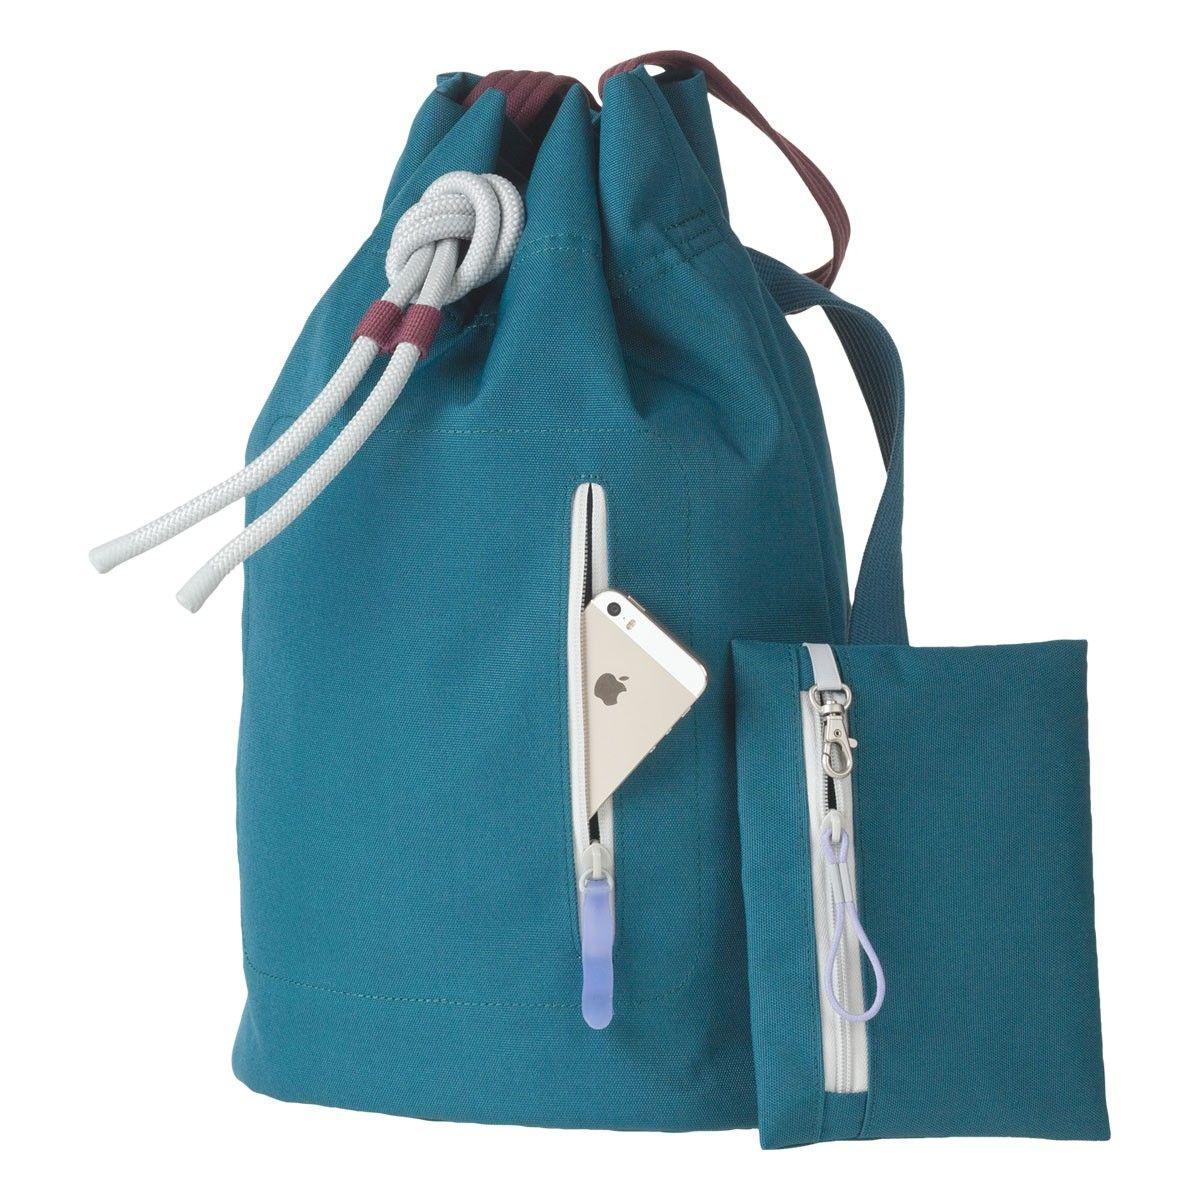 Spinning Vortex Kit Bag Crumpler Spinning Vortex Bags